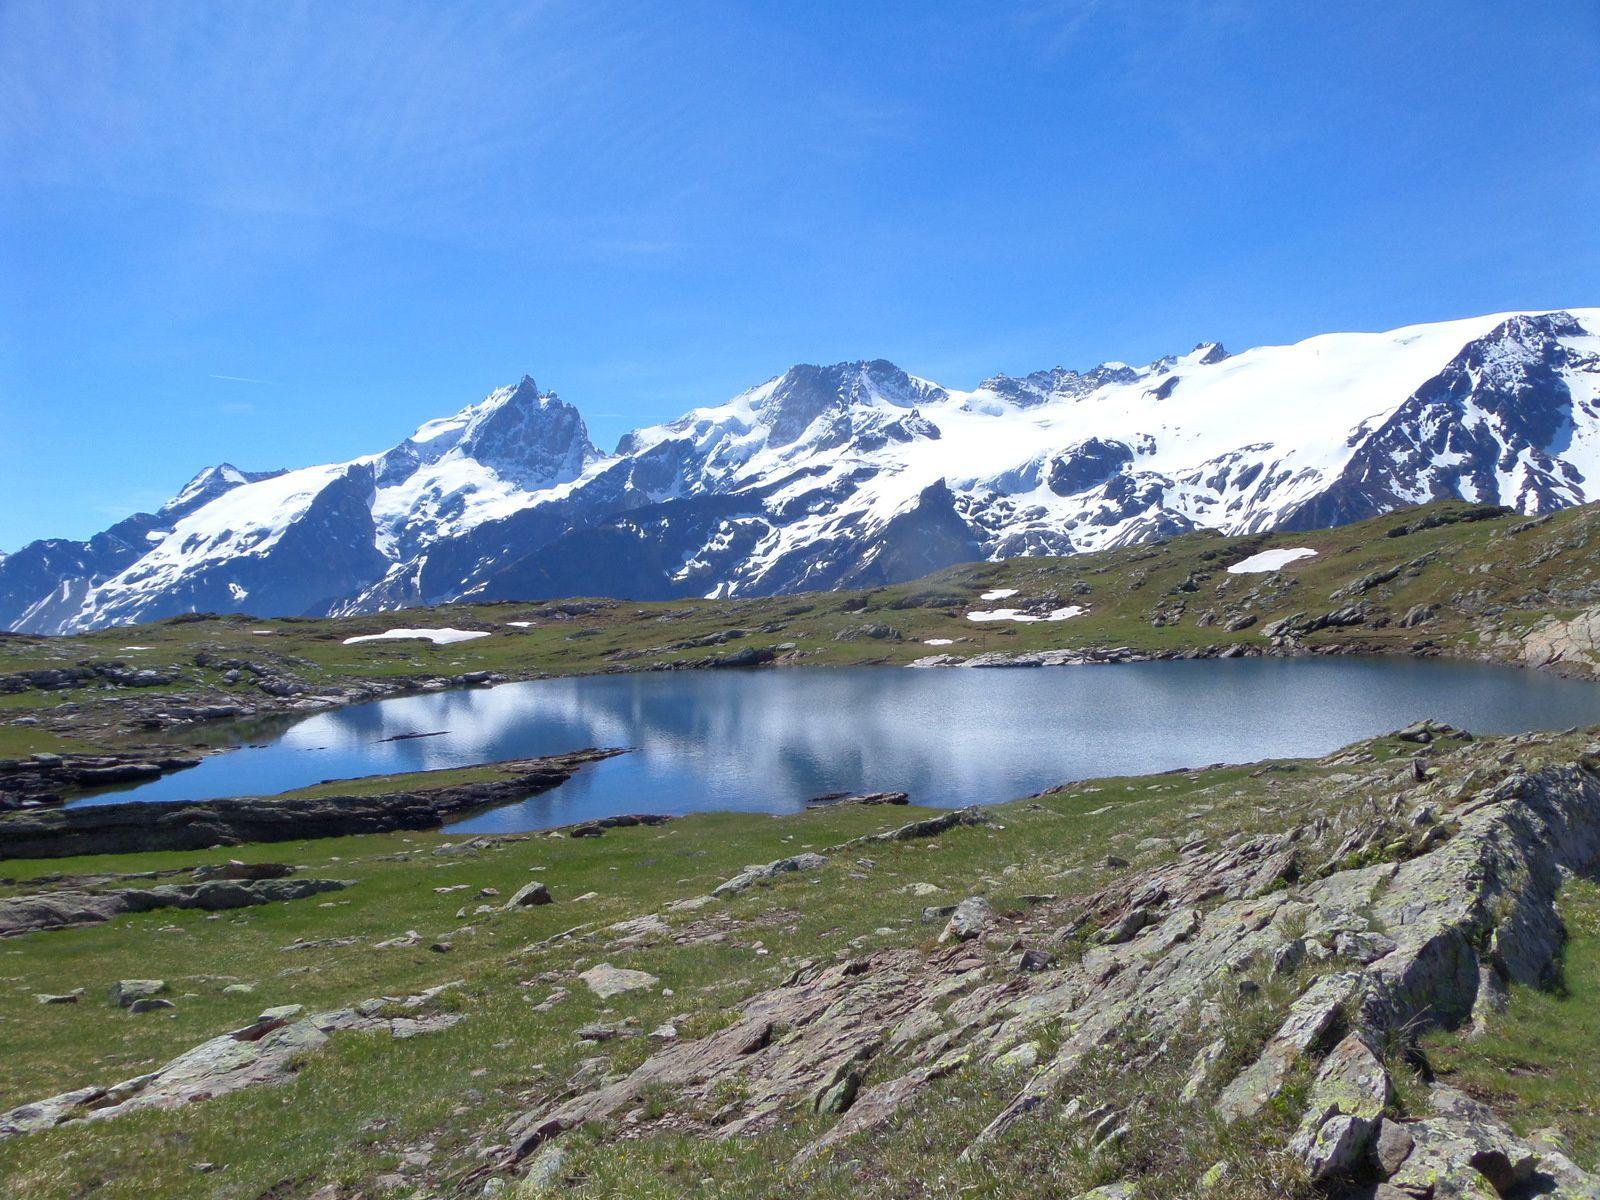 arrivée au Lac Noir (2446m) avec vue sur la Meige, le Glacier de la Girose et sur le Massif des Grandes Rousses